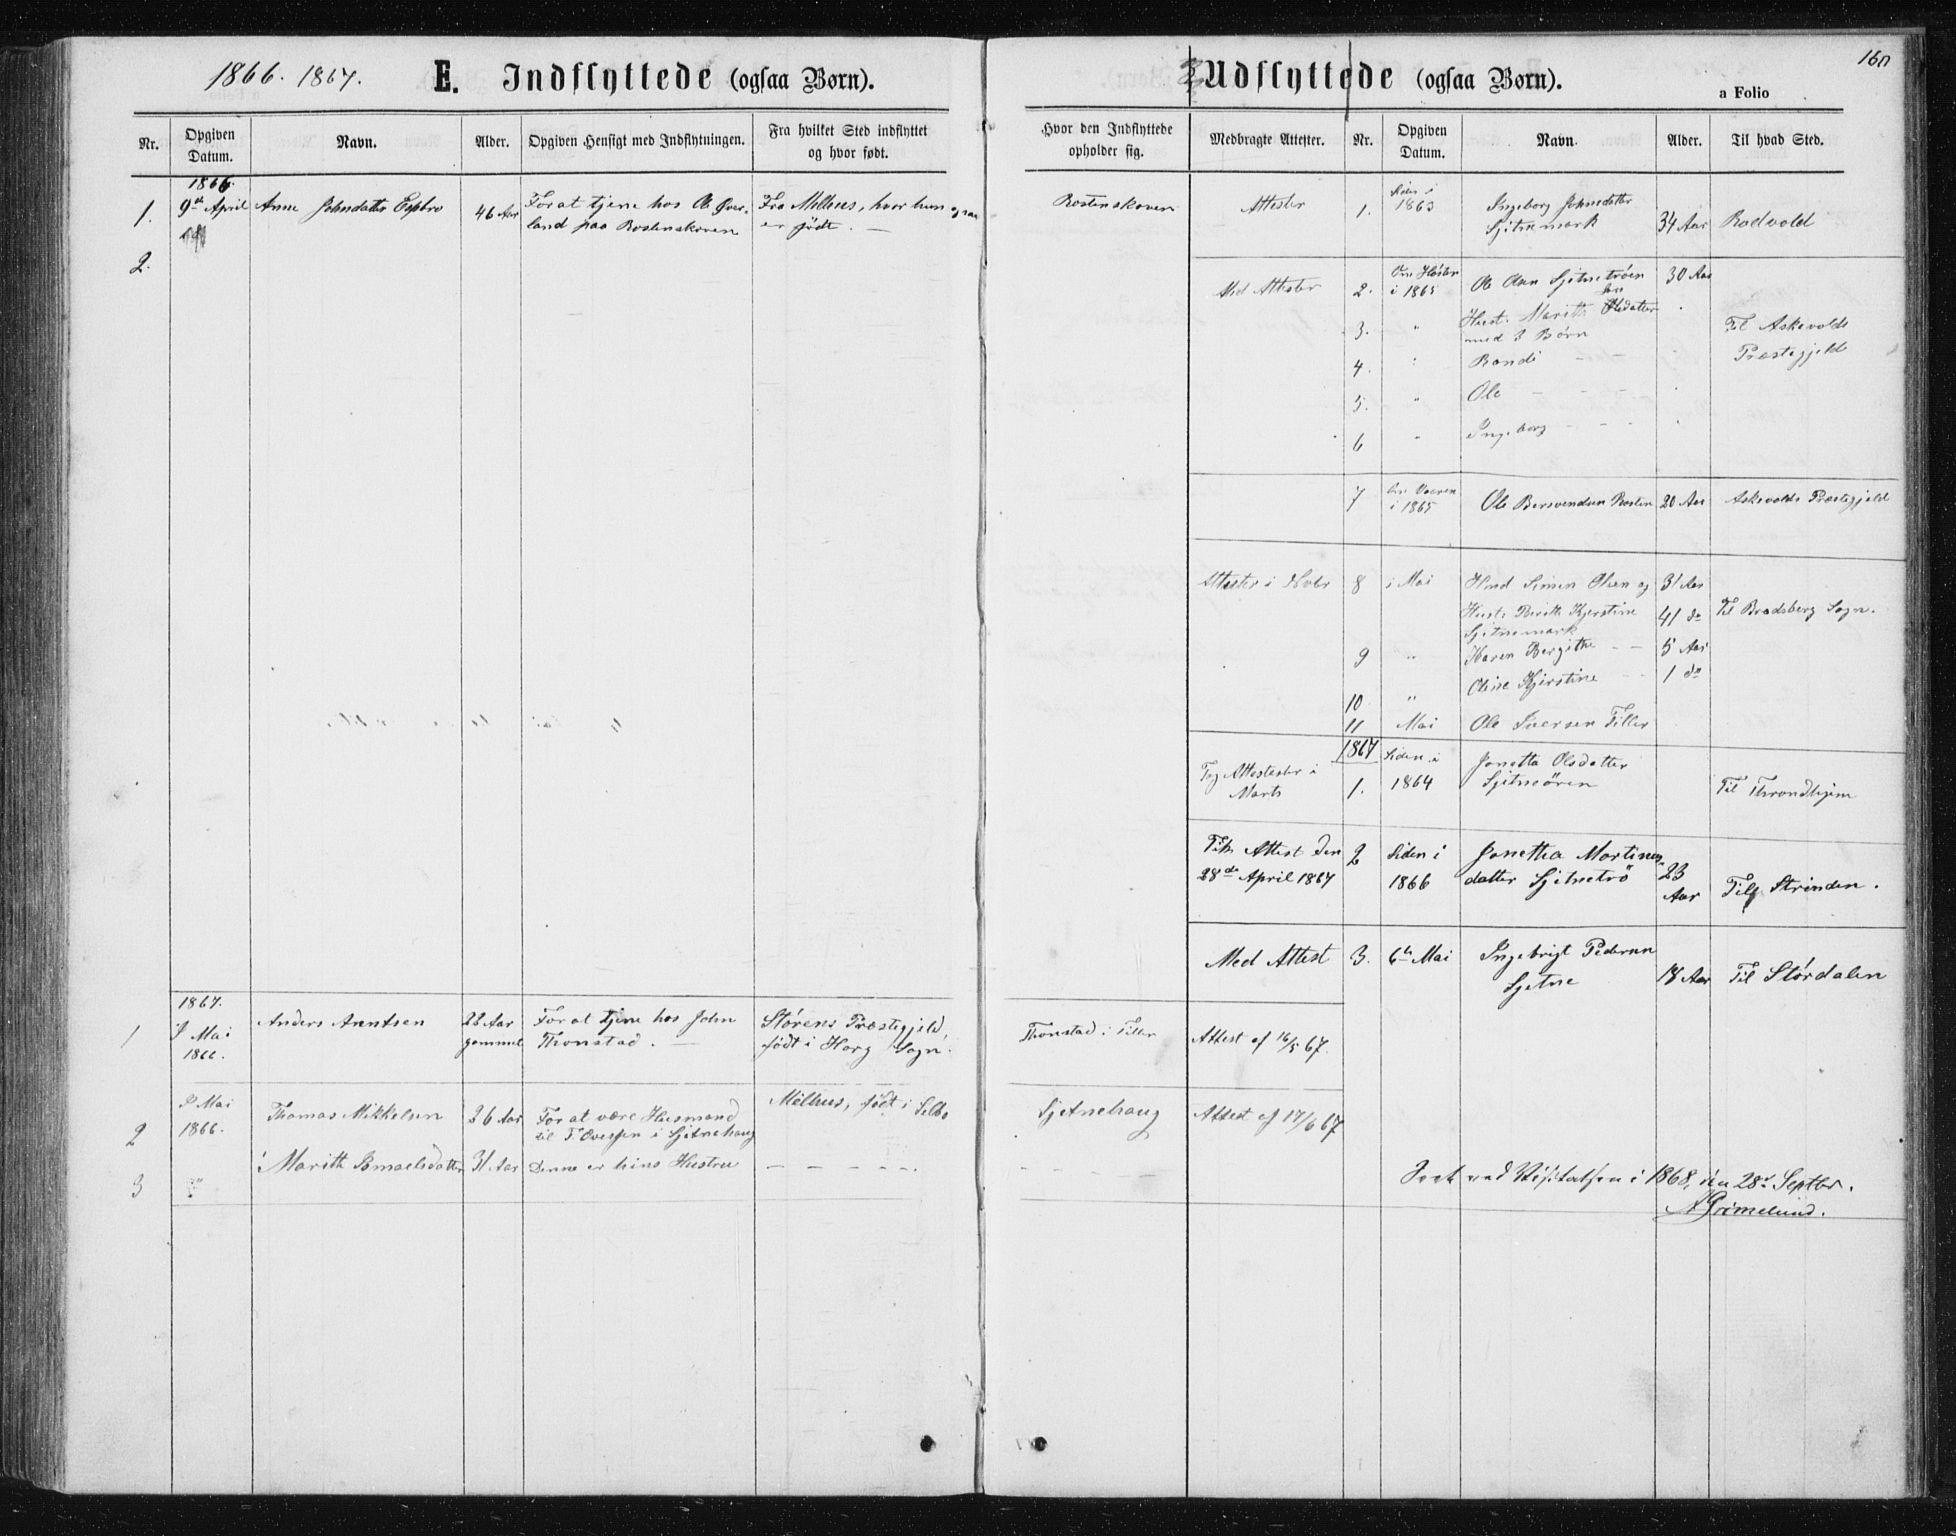 SAT, Ministerialprotokoller, klokkerbøker og fødselsregistre - Sør-Trøndelag, 621/L0459: Klokkerbok nr. 621C02, 1866-1895, s. 160